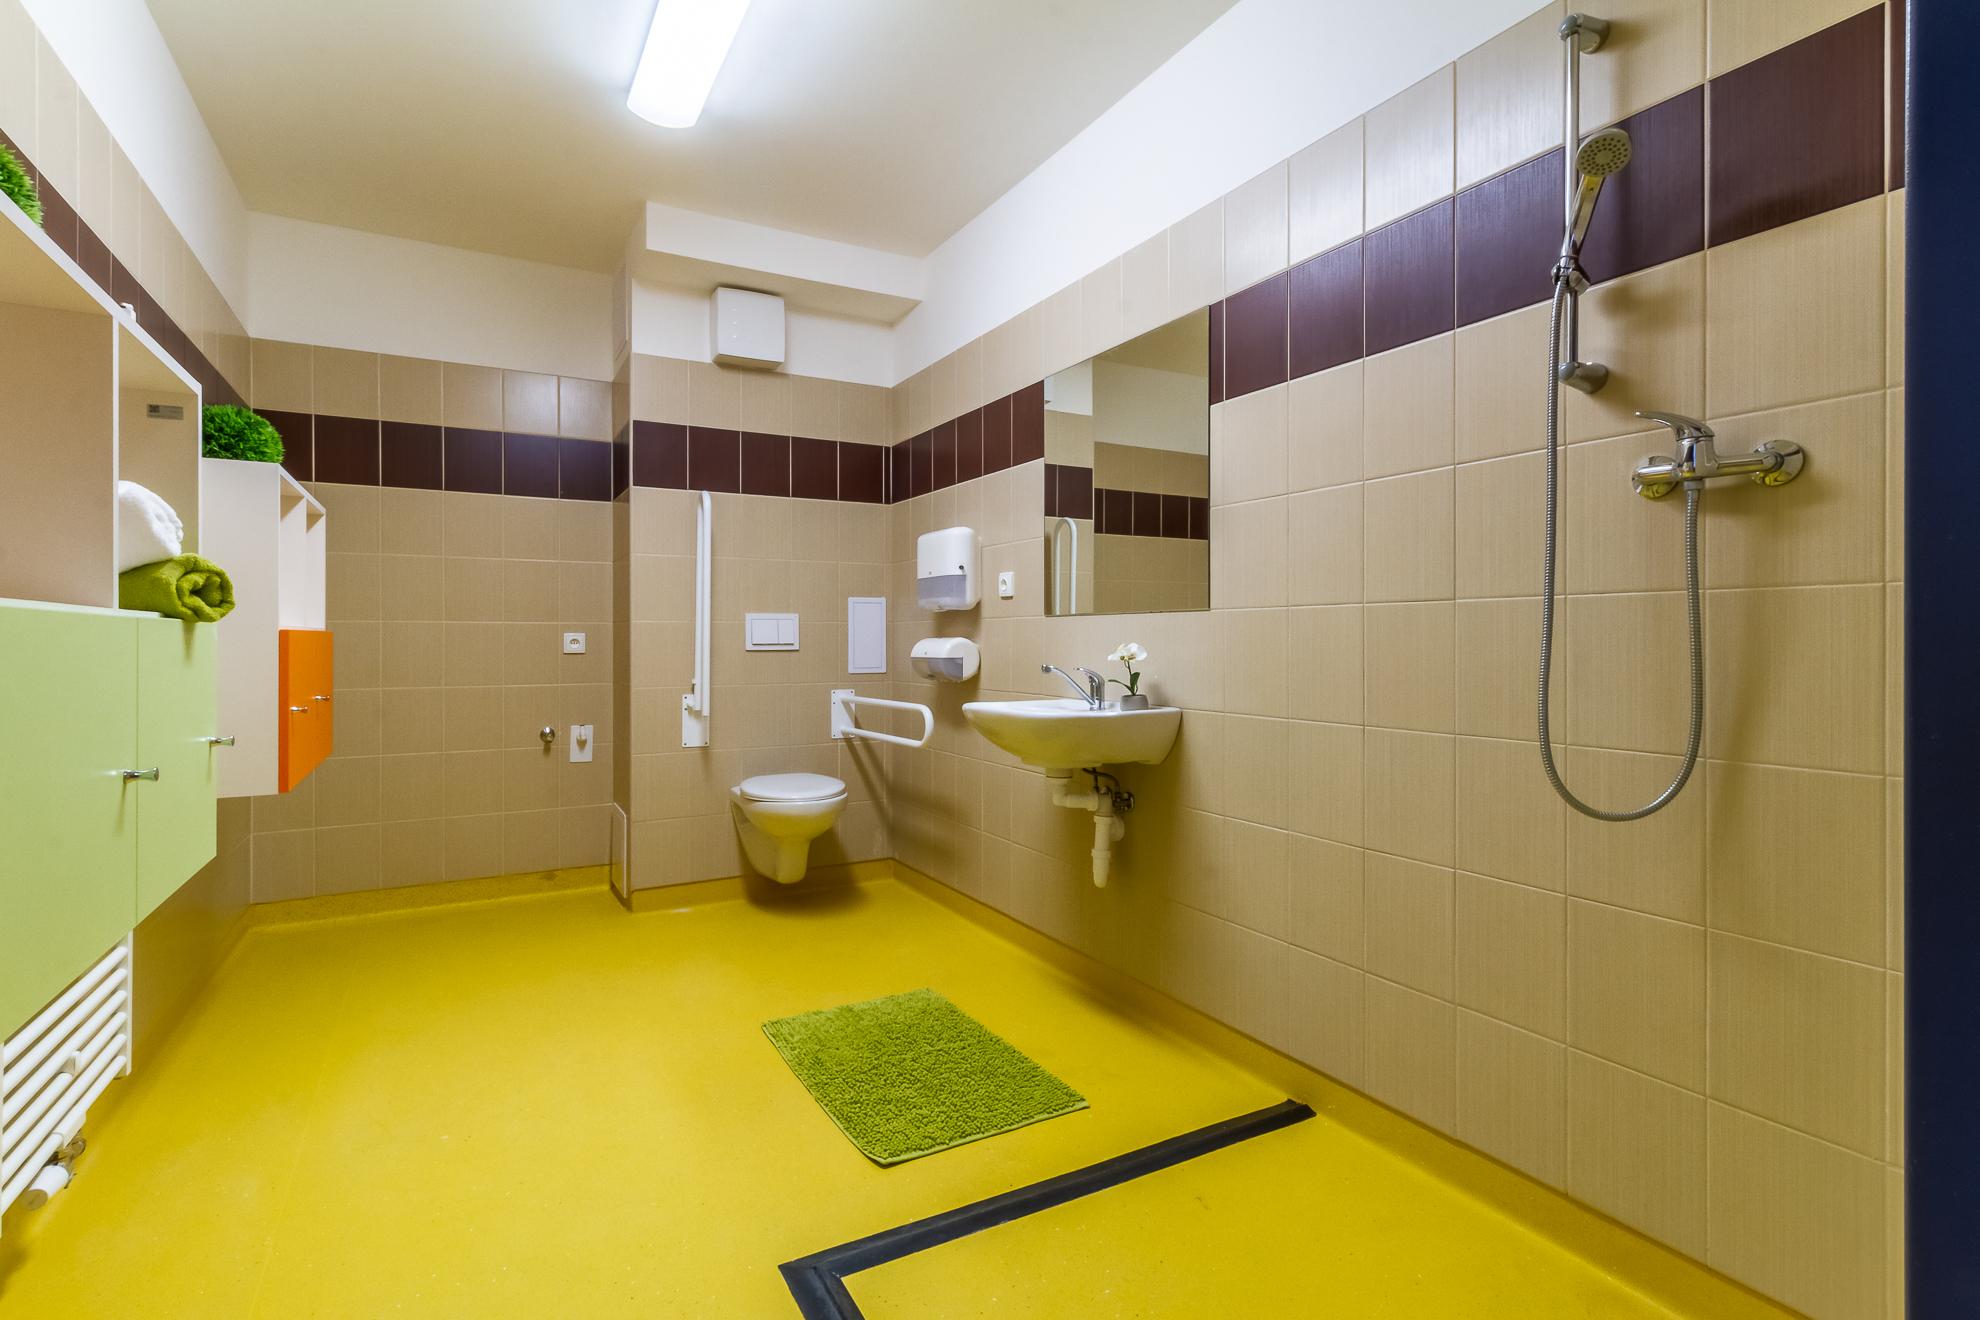 Koupelna s toaletou a sprchovým koutem